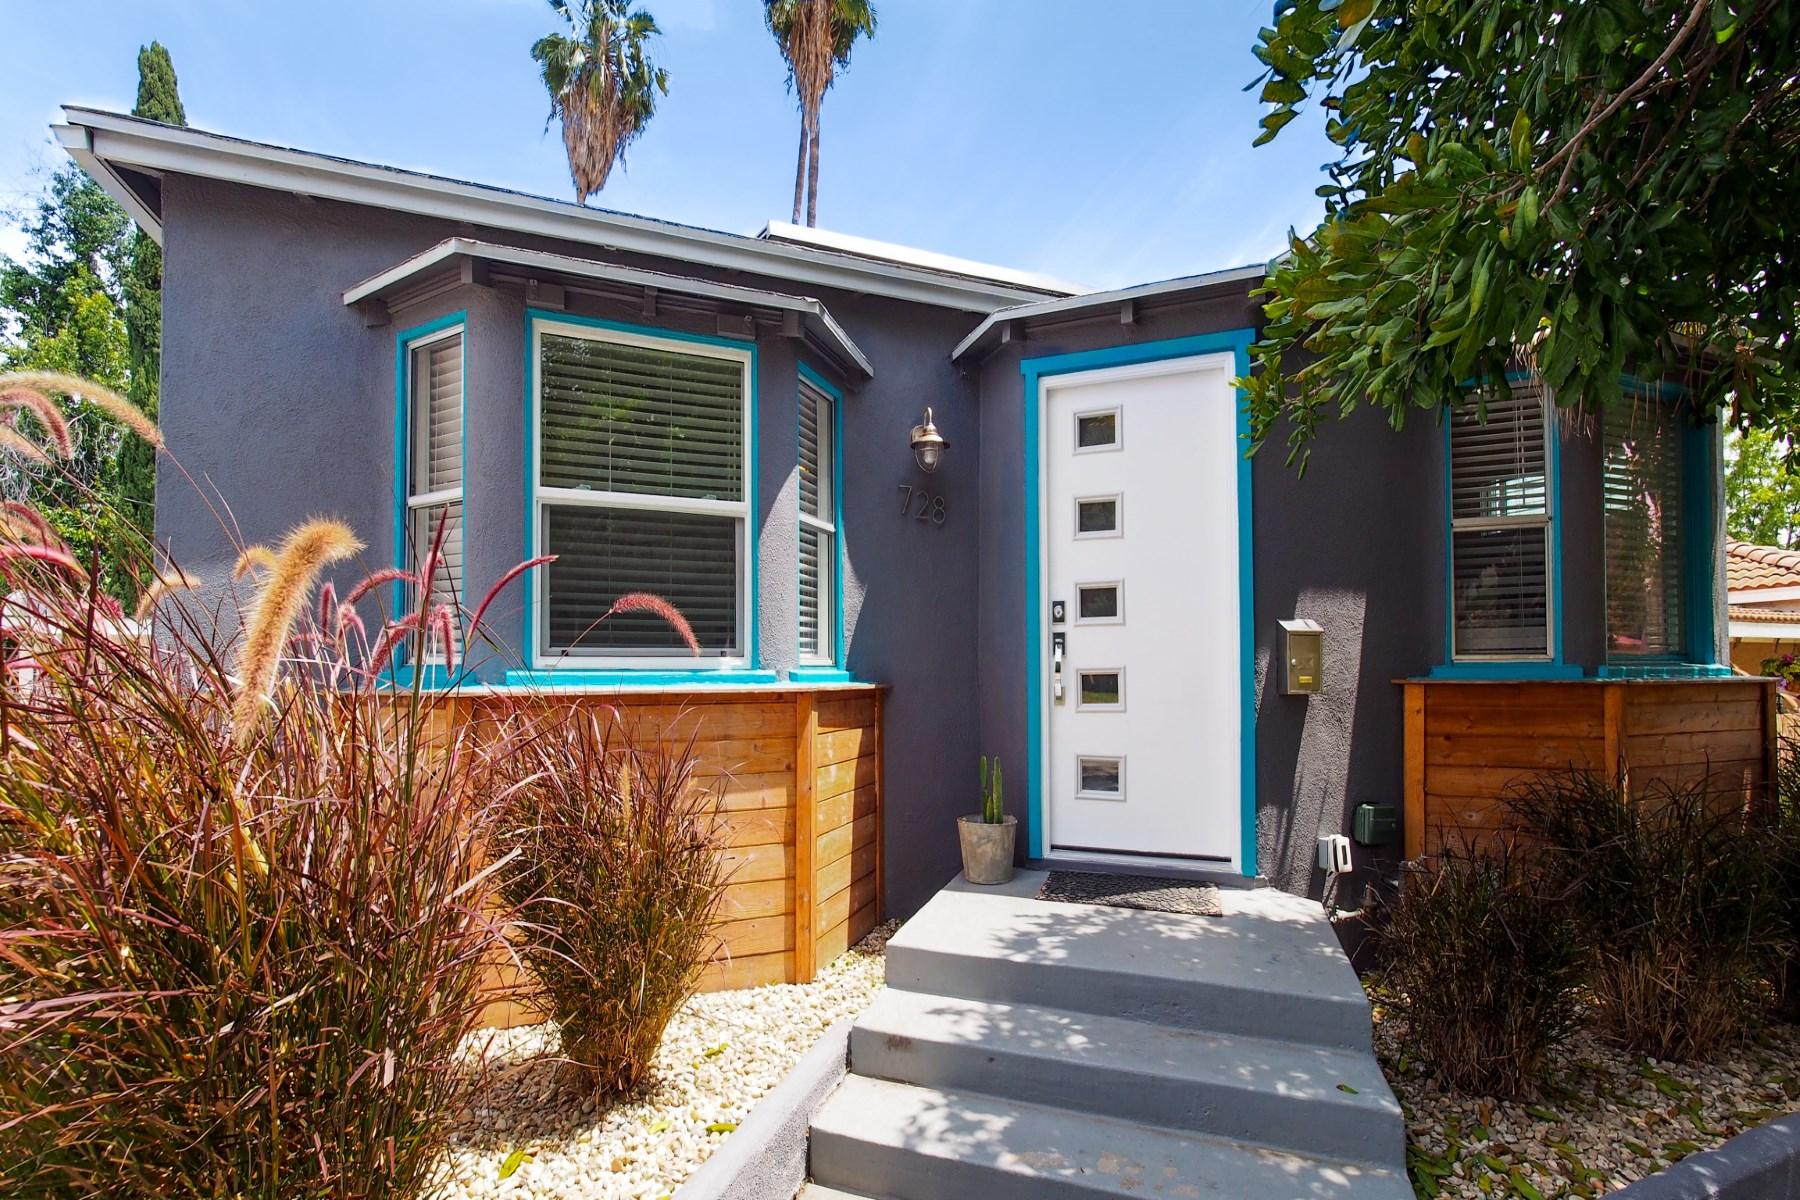 Частный односемейный дом для того Продажа на 728 North Avenue 63 Highland Park, Los Angeles, Калифорния, 90042 Соединенные Штаты